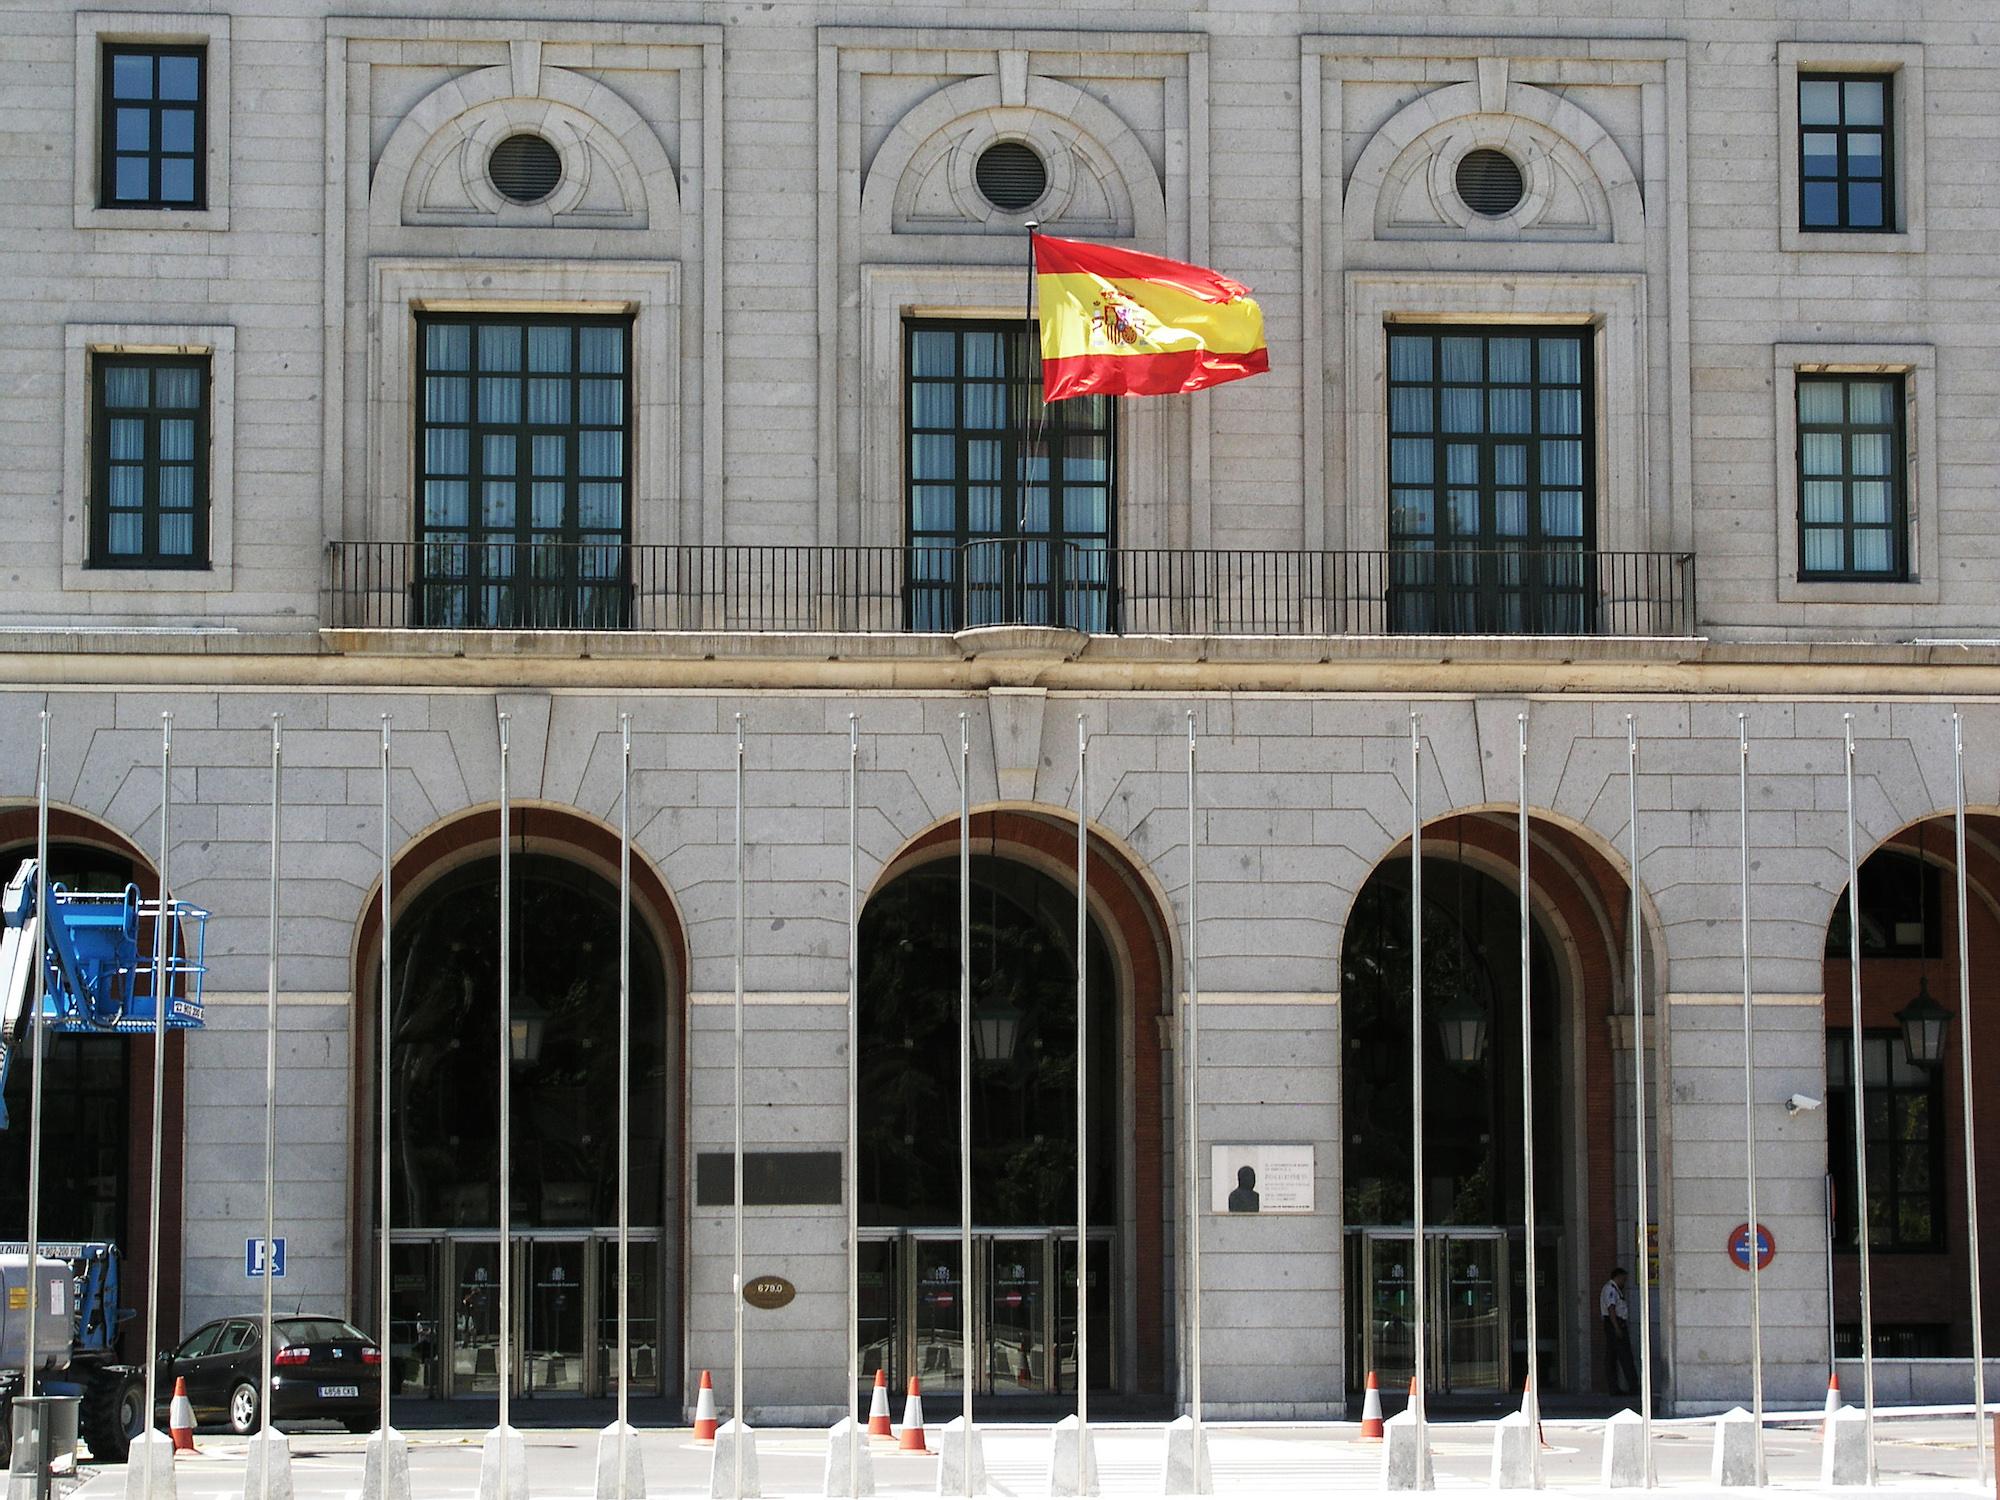 El Ministerio de Fomento está enviando un correo electronico a los asociados a FENADISMER para que confirmen su pertenencia a la asociación territorial miembro de FENADISMER.